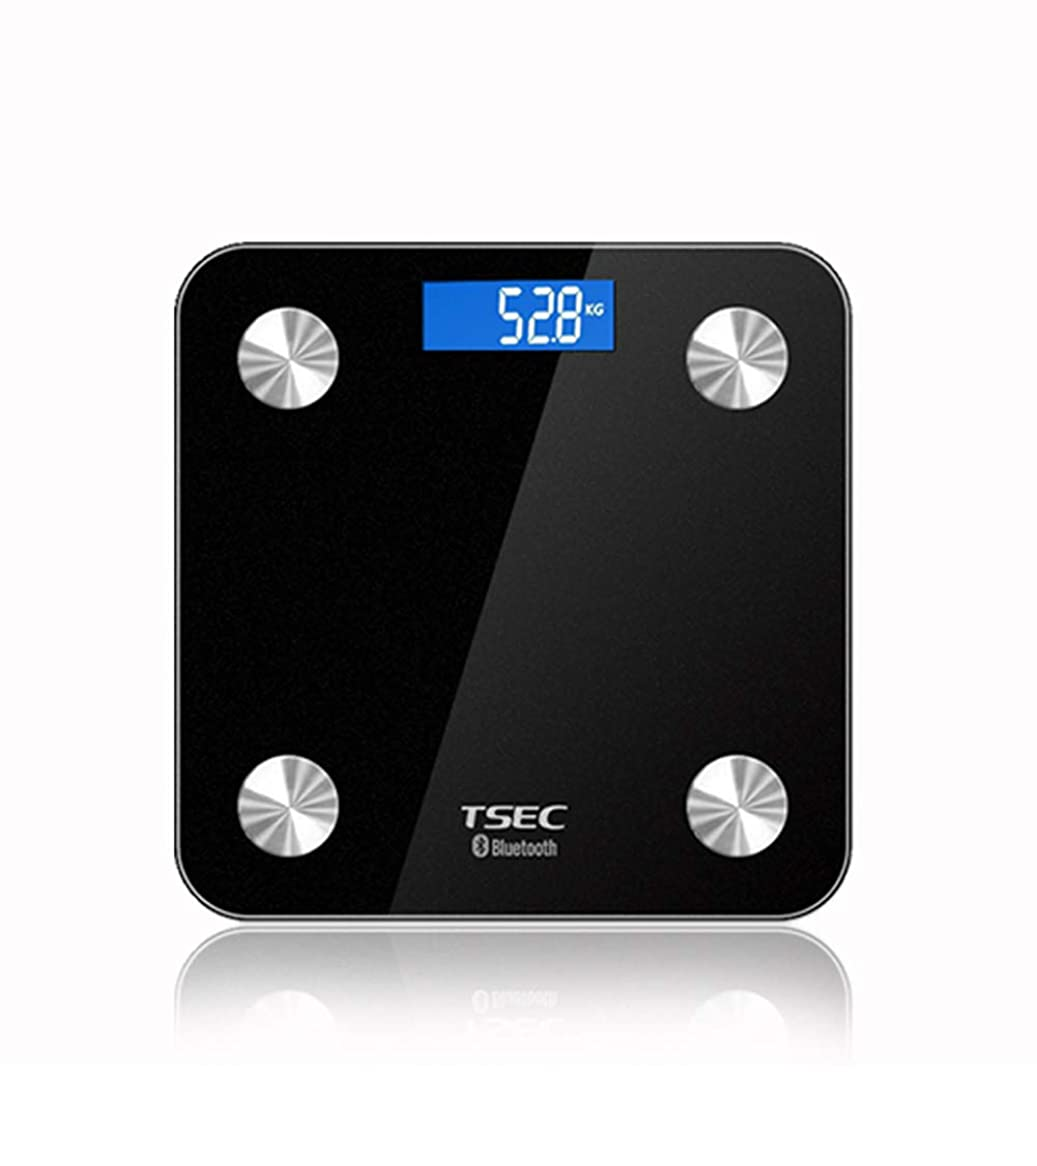 キネマティクスギャップ頂点スマートなBluetoothの共用体脂肪のスケール、多機能の脂肪スケールの家の電子スケール,Black